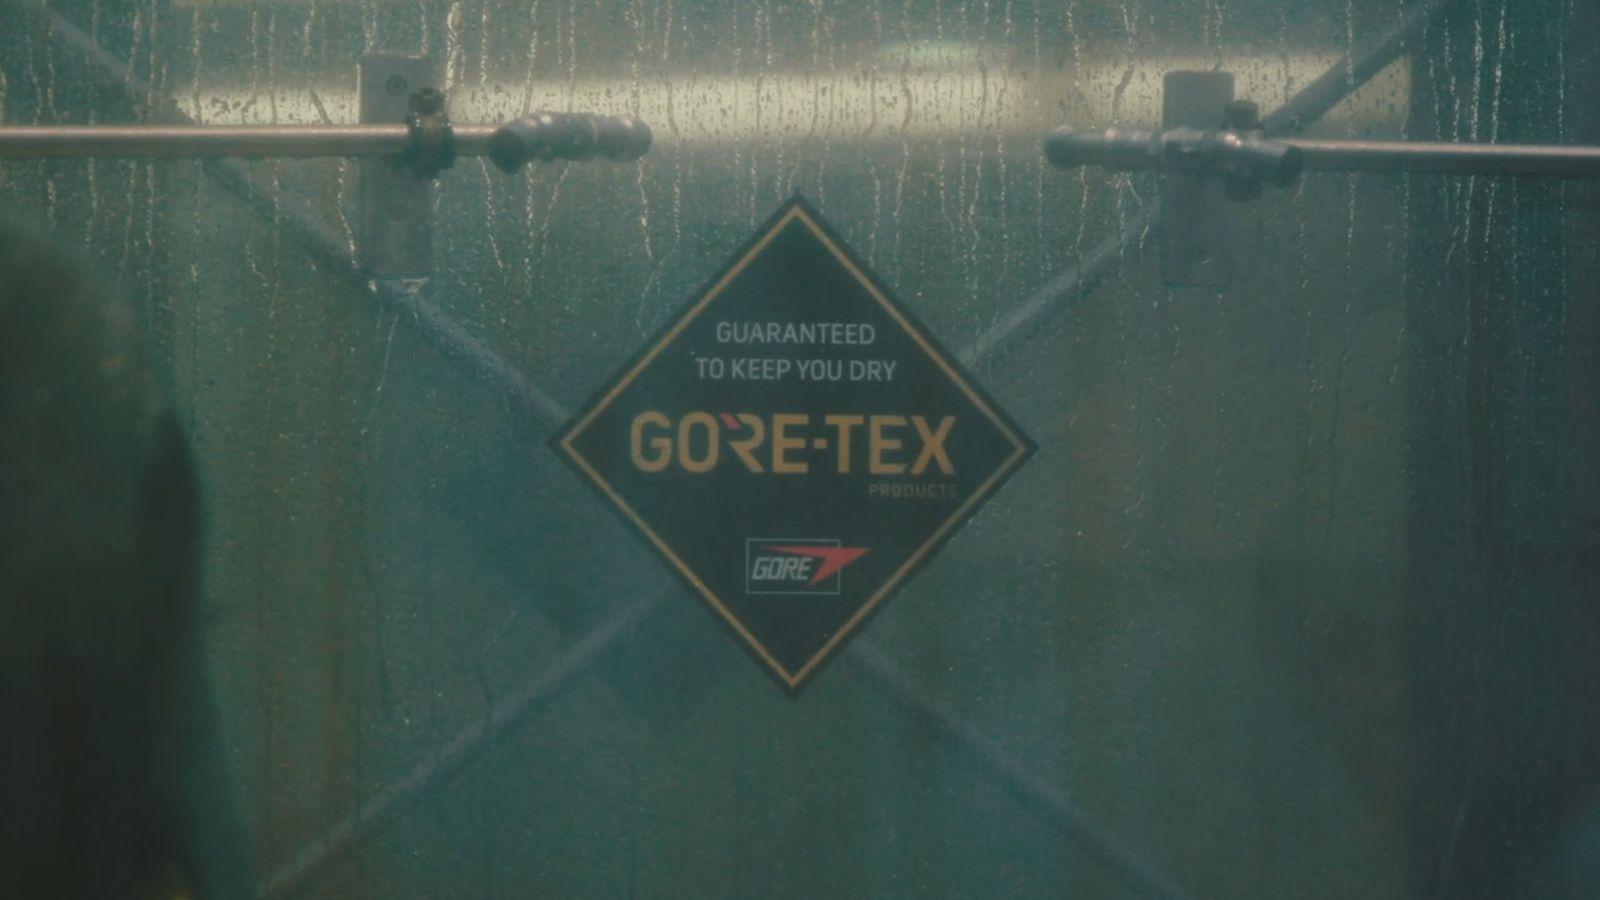 gore-tex-rain-tower-interview_Best